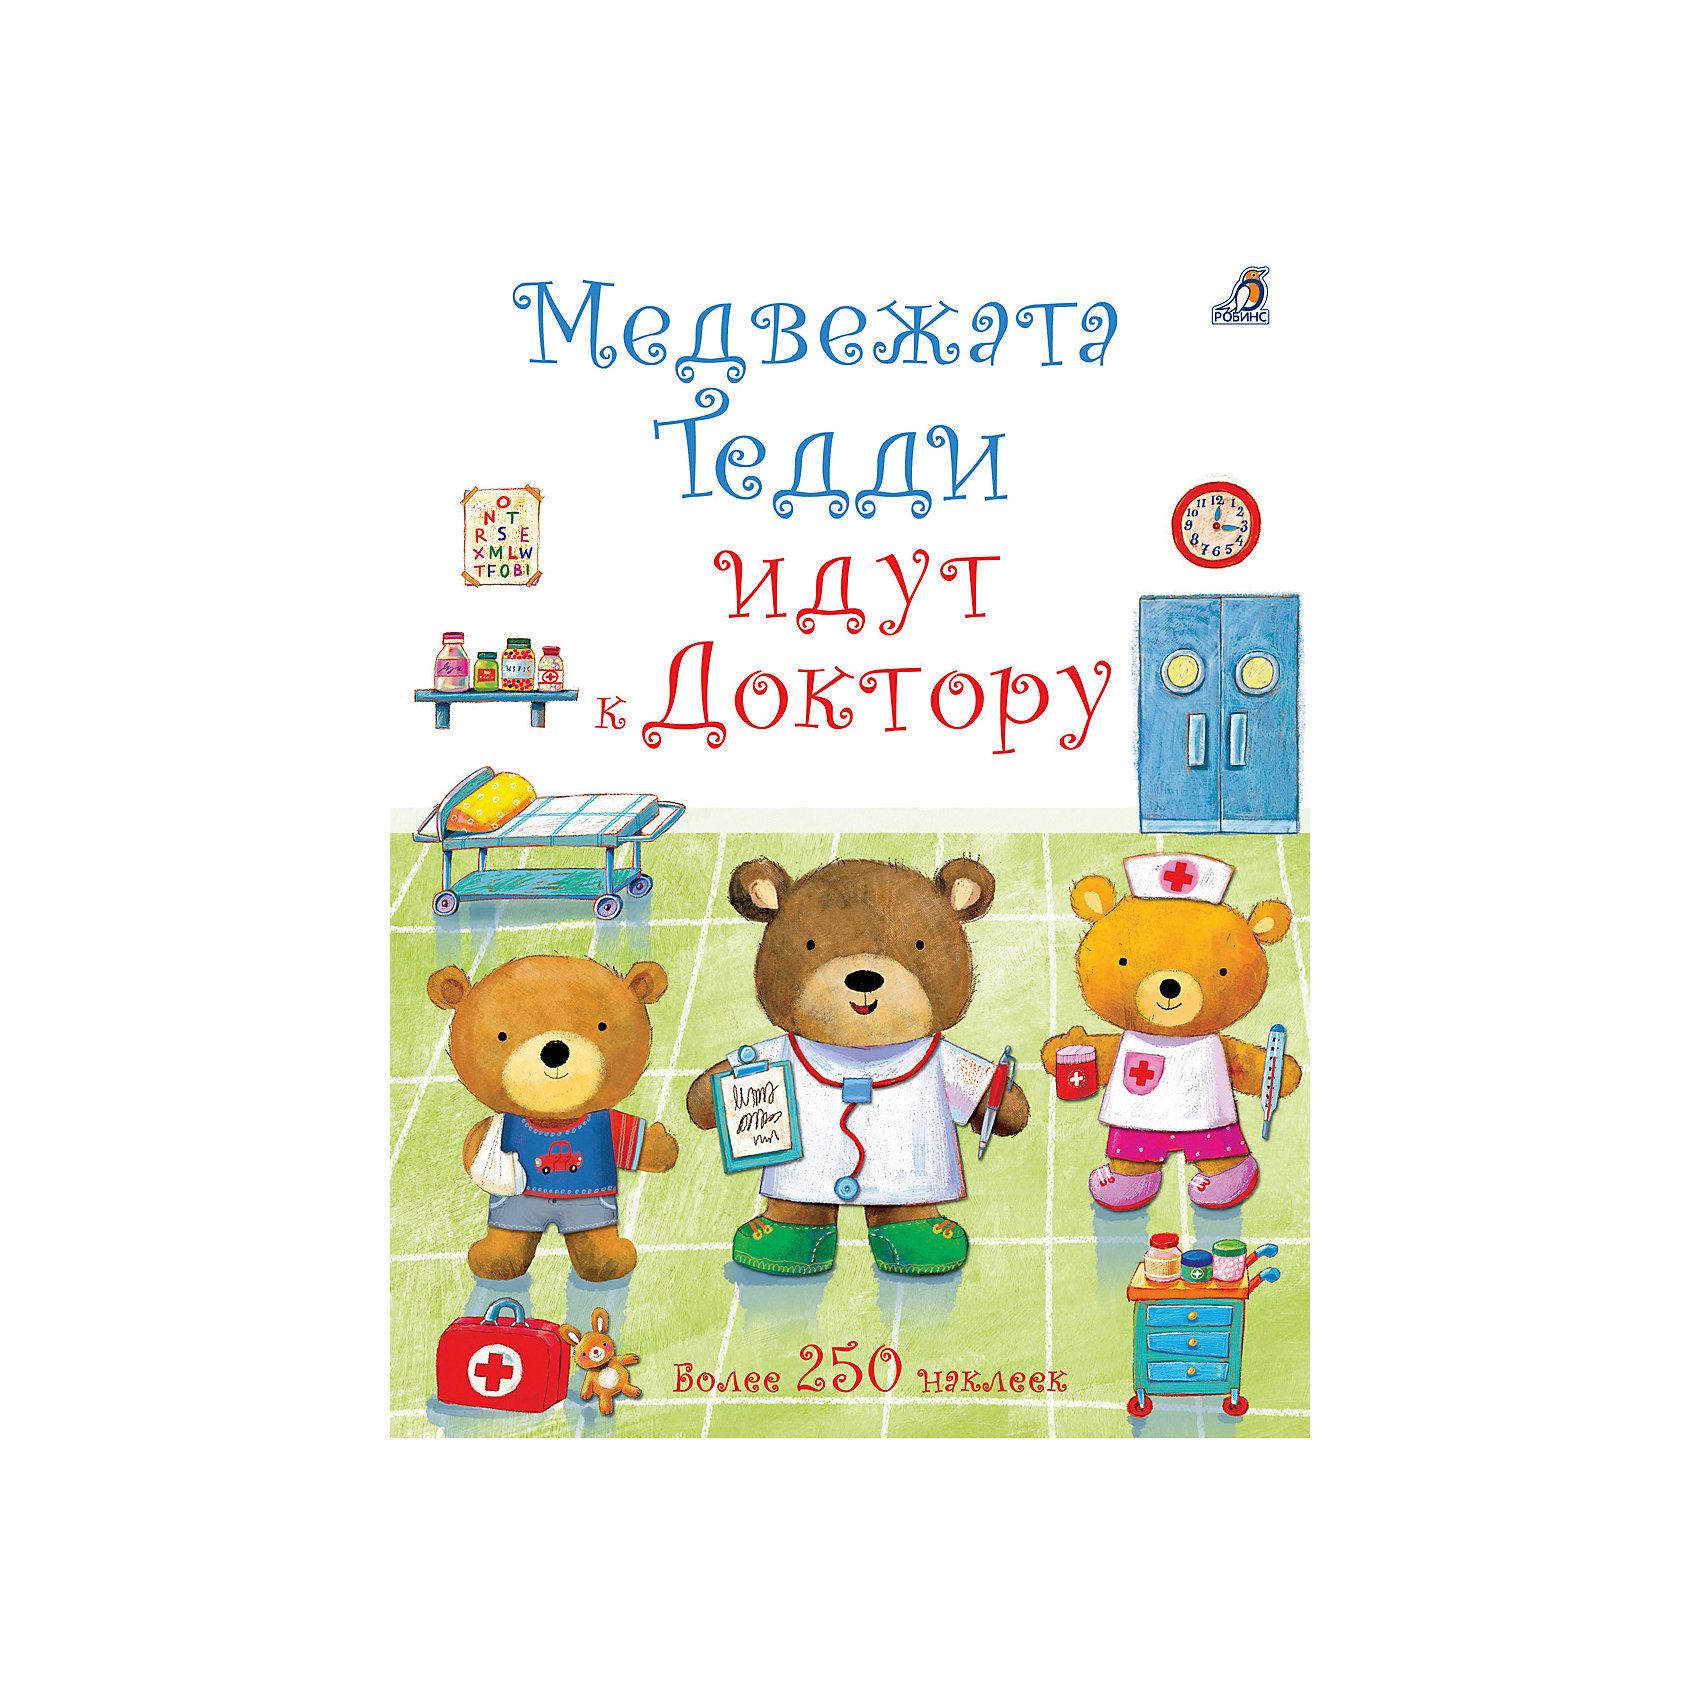 Медвежата Тедди идут к докторуКнижки с наклейками<br>Книга с наклейками Медвежонок Тедди. Медвежата Тедди идут к доктору.<br><br>Характеристика:<br><br>• Формат: 27,х21,5 см. <br>• Переплет: картон.<br>• Количество страниц: 24.<br>• Иллюстрации: цветные.<br>• Добрые стихи.<br>• Красочные иллюстрации.<br>• 250 наклеек. <br><br>Эта замечательная книга расскажет малышам о том, что посещение доктора - это совсем не страшно, а в больнице можно увидеть много всего интересного. Медвежата Тедди посетят приемную, кабинет врача и лечебную палату, приготовят одежду для больницы и выписки и, конечно, весело и с пользой проведут время. Красочные иллюстрации и яркие наклейки обязательно понравятся детям и надолго займут ваших малышей.<br><br>Книгу с наклейками Медвежонок Тедди. Медвежата Тедди идут к доктору можно купить в нашем интернет-магазине.<br><br>Ширина мм: 278<br>Глубина мм: 216<br>Высота мм: 50<br>Вес г: 165<br>Возраст от месяцев: 24<br>Возраст до месяцев: 2147483647<br>Пол: Унисекс<br>Возраст: Детский<br>SKU: 5507273